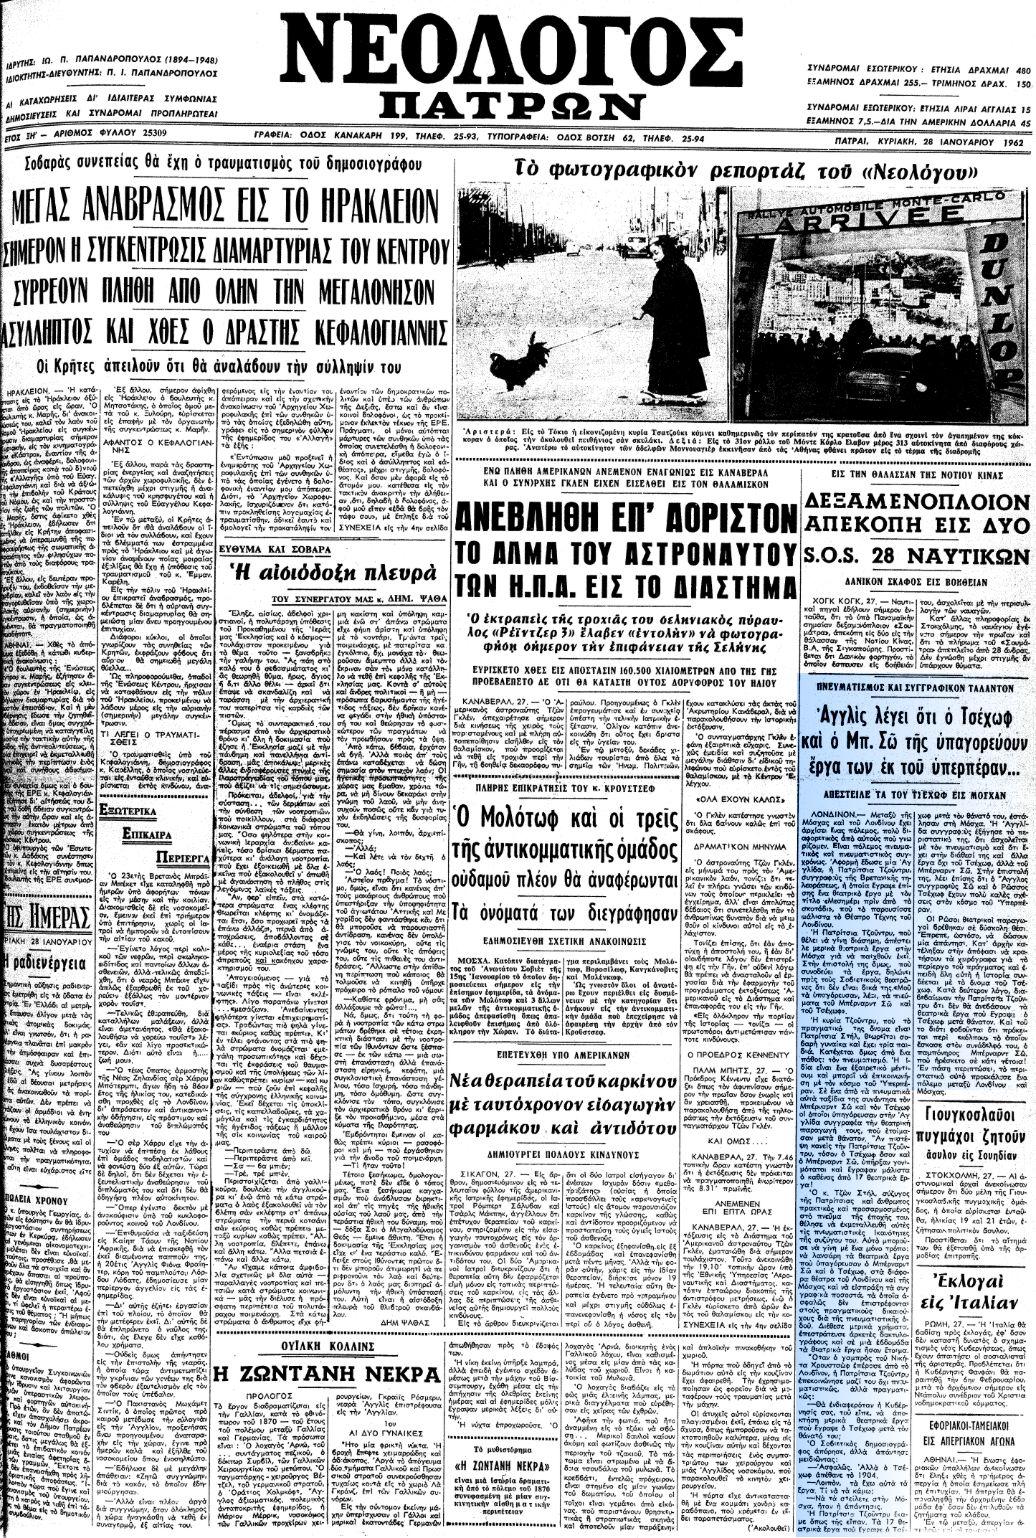 """Το άρθρο, όπως δημοσιεύθηκε στην εφημερίδα """"ΝΕΟΛΟΓΟΣ ΠΑΤΡΩΝ"""", στις 28/01/1962"""